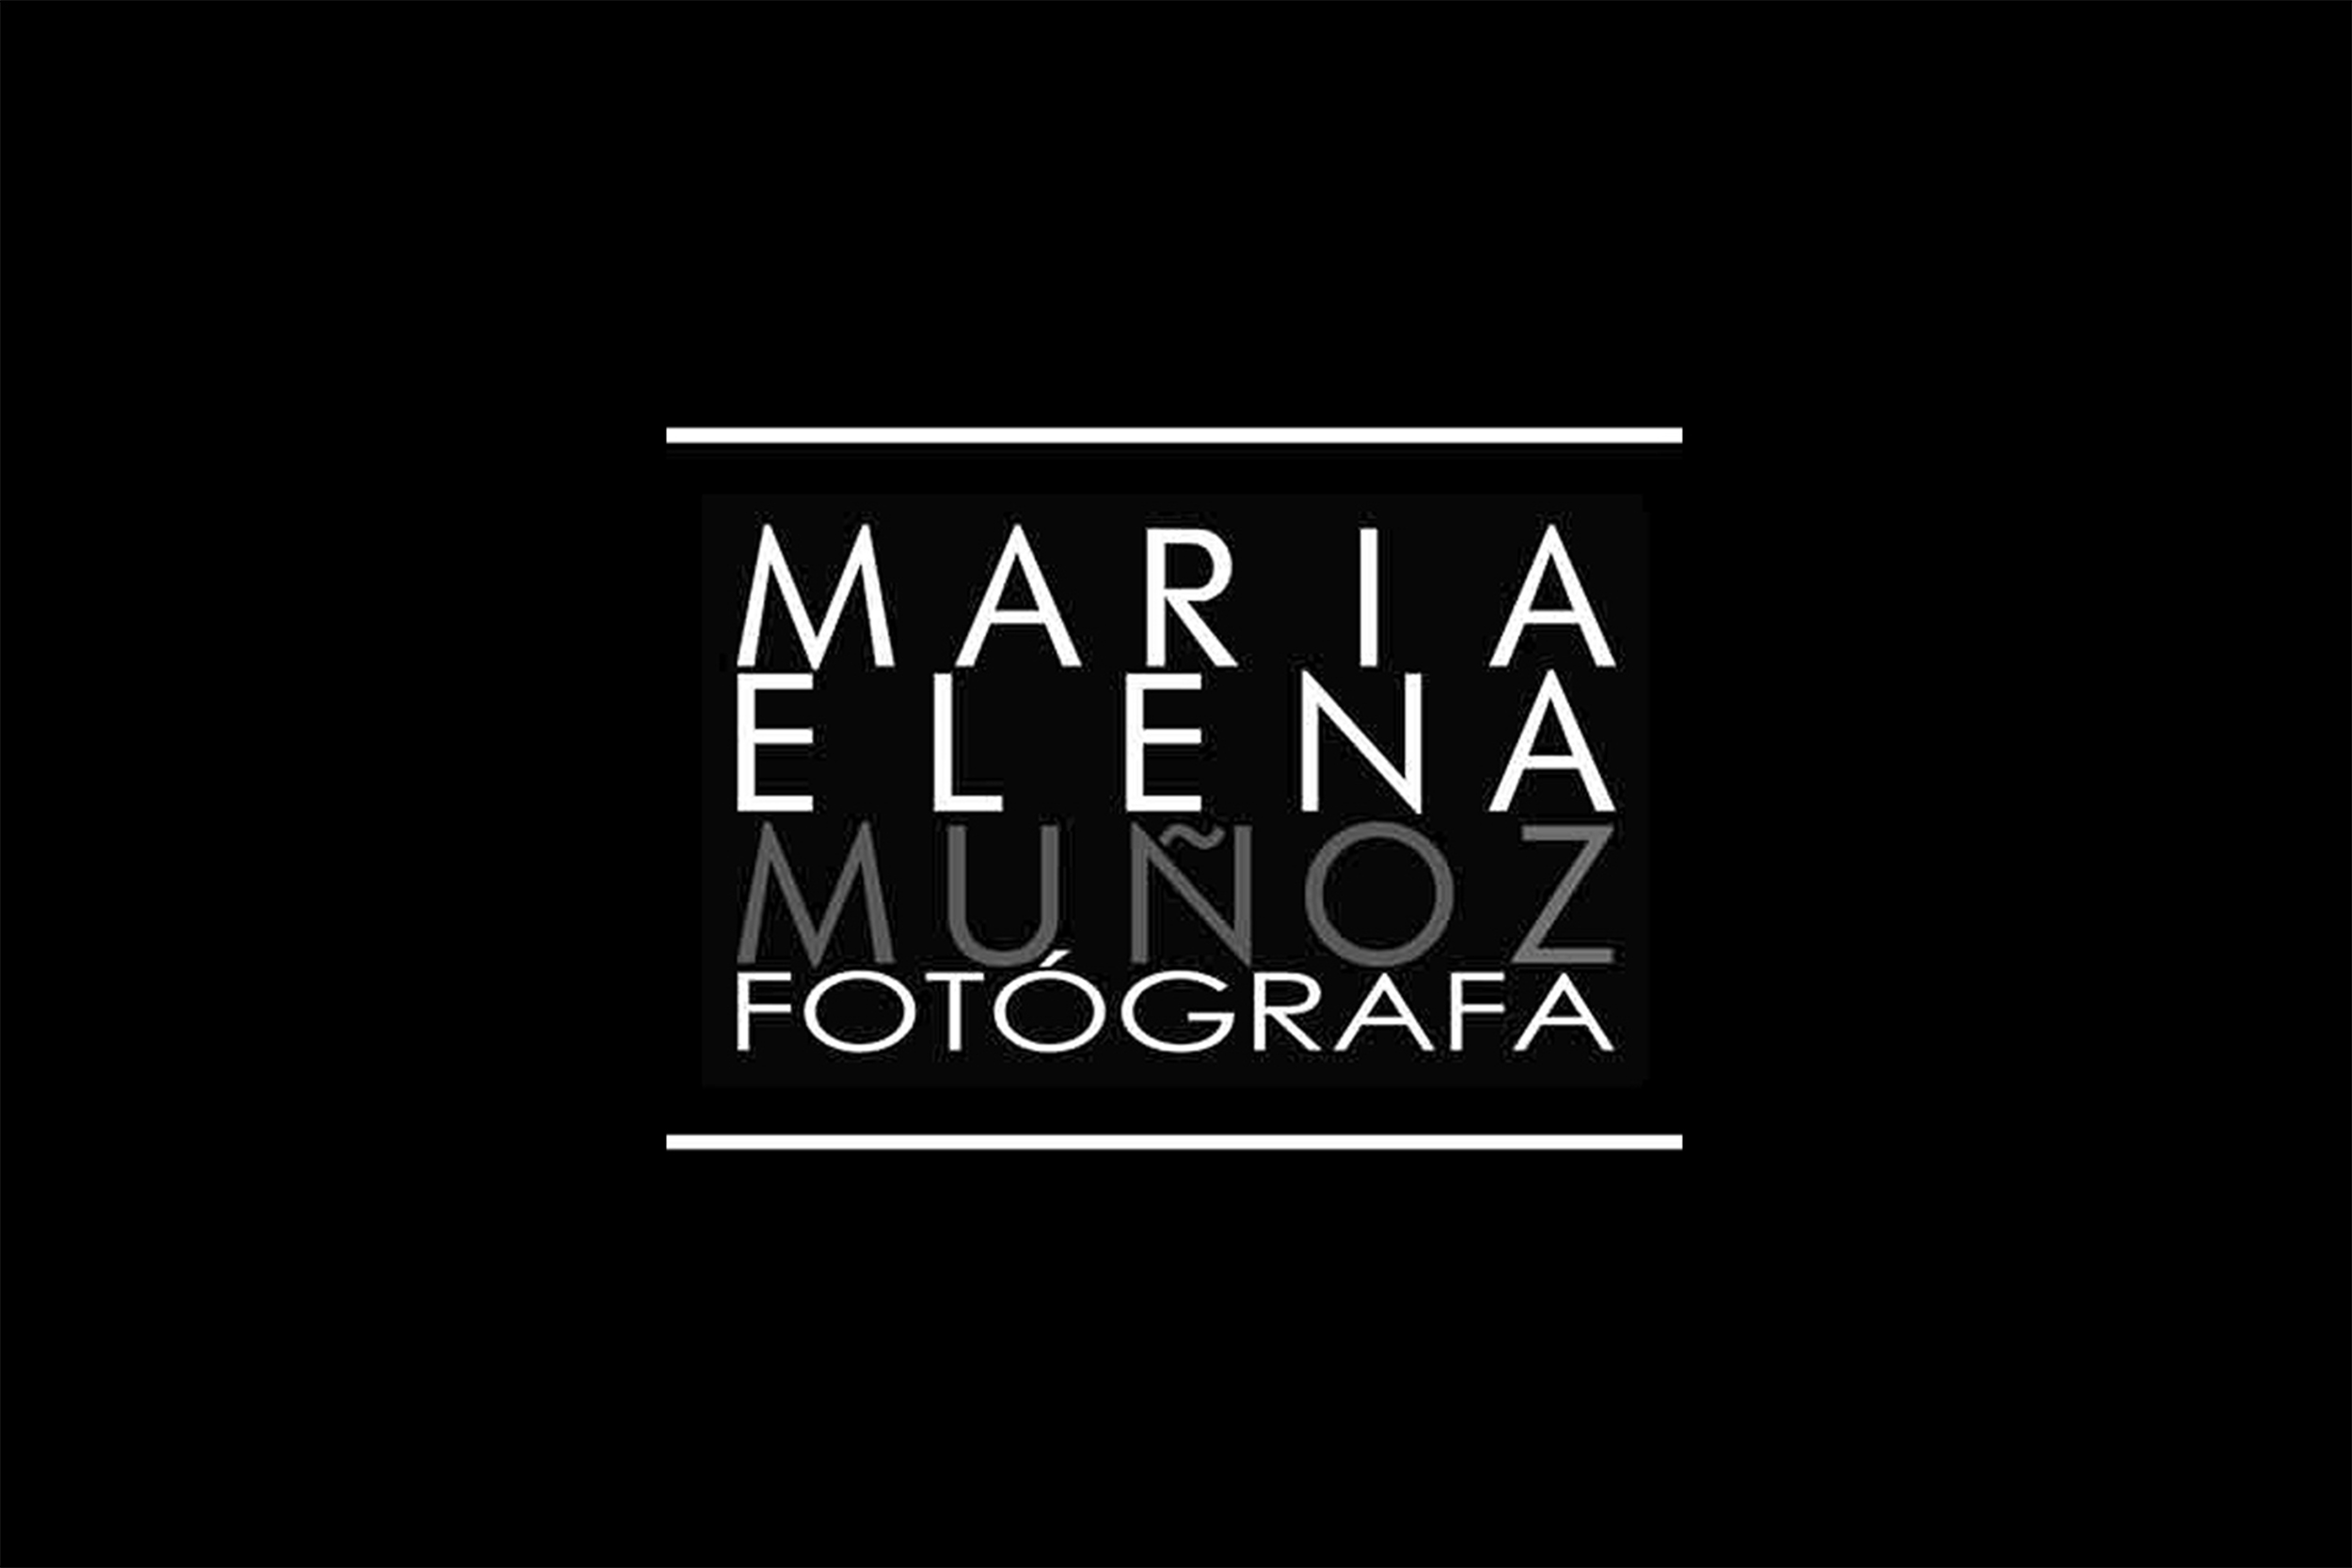 MARIA ELENA MUNOZ|FOTOGRAFA